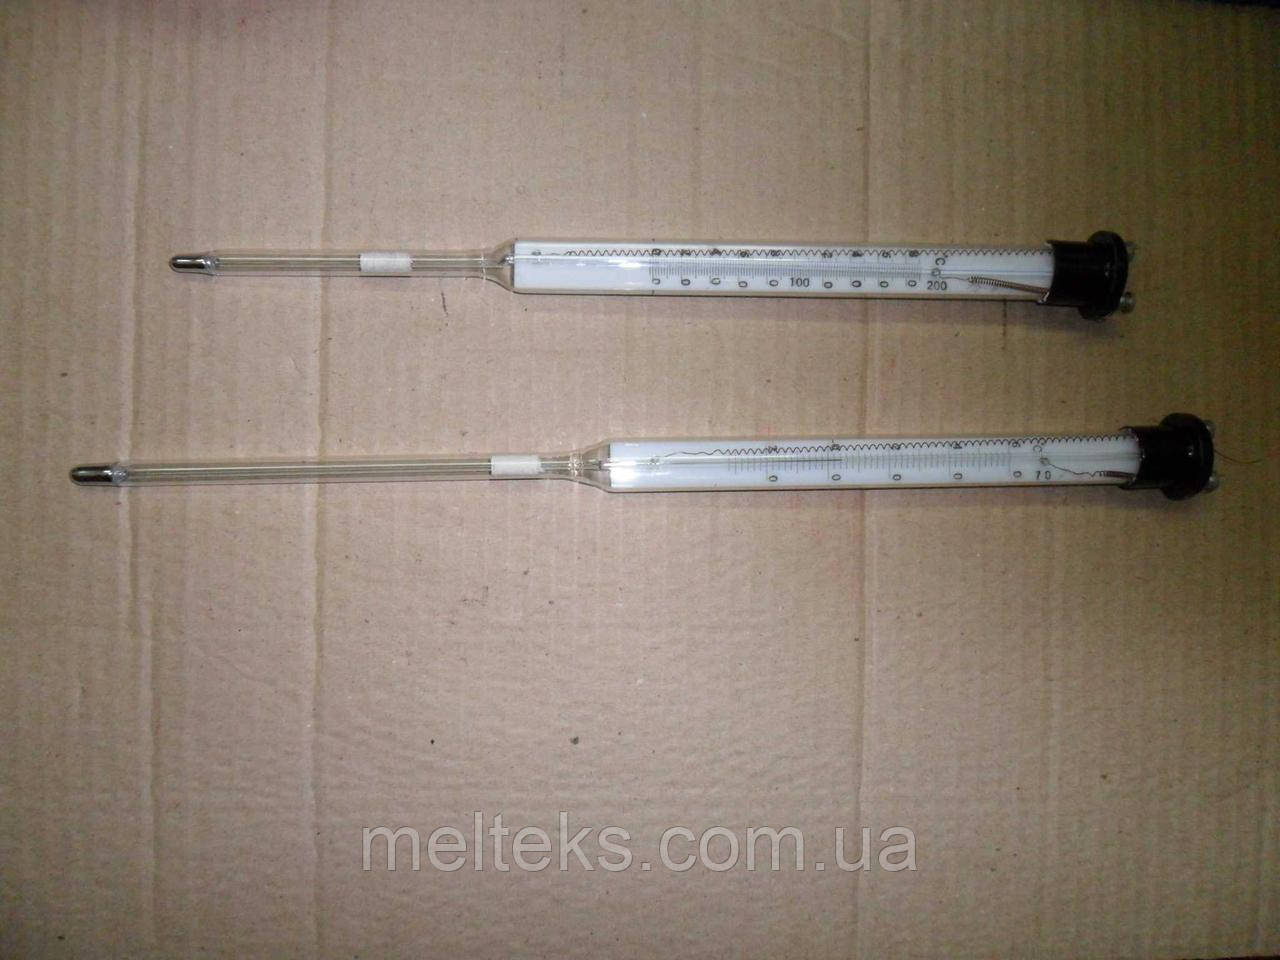 Термометр электроконтактный ТЗК с фиксированной уставкой